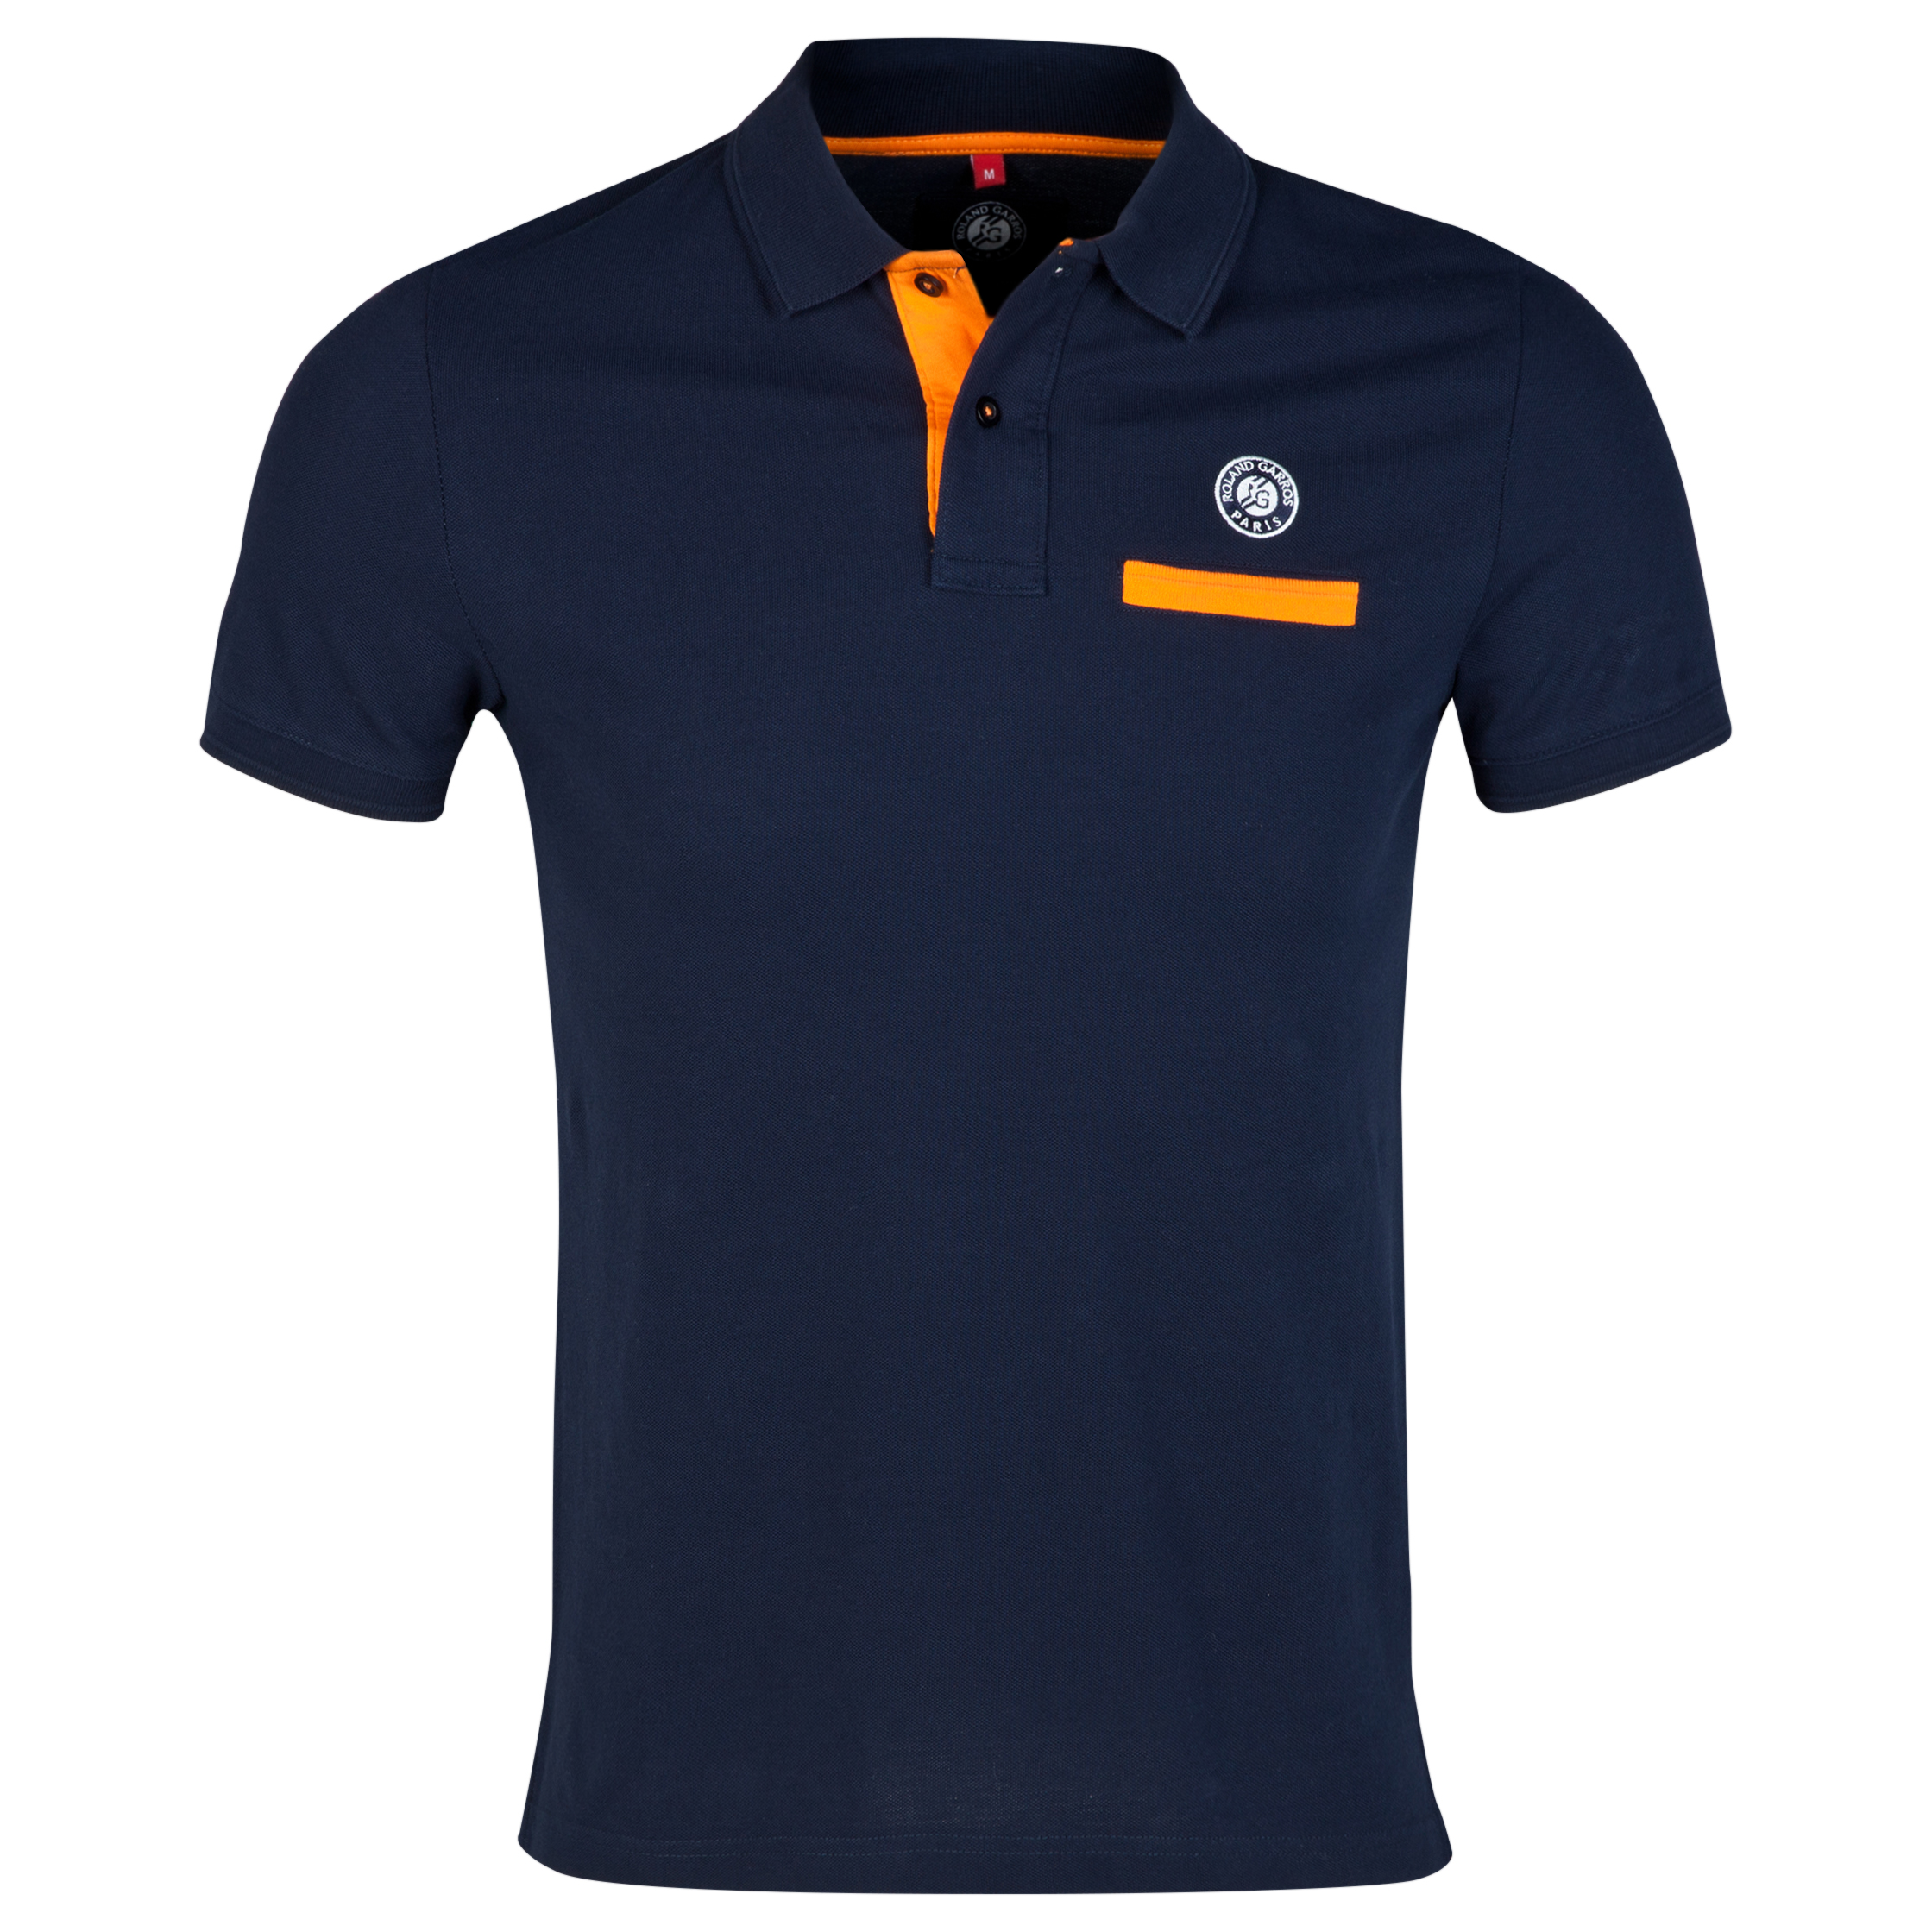 Roland-Garros Angatuba Contrast Polo Navy